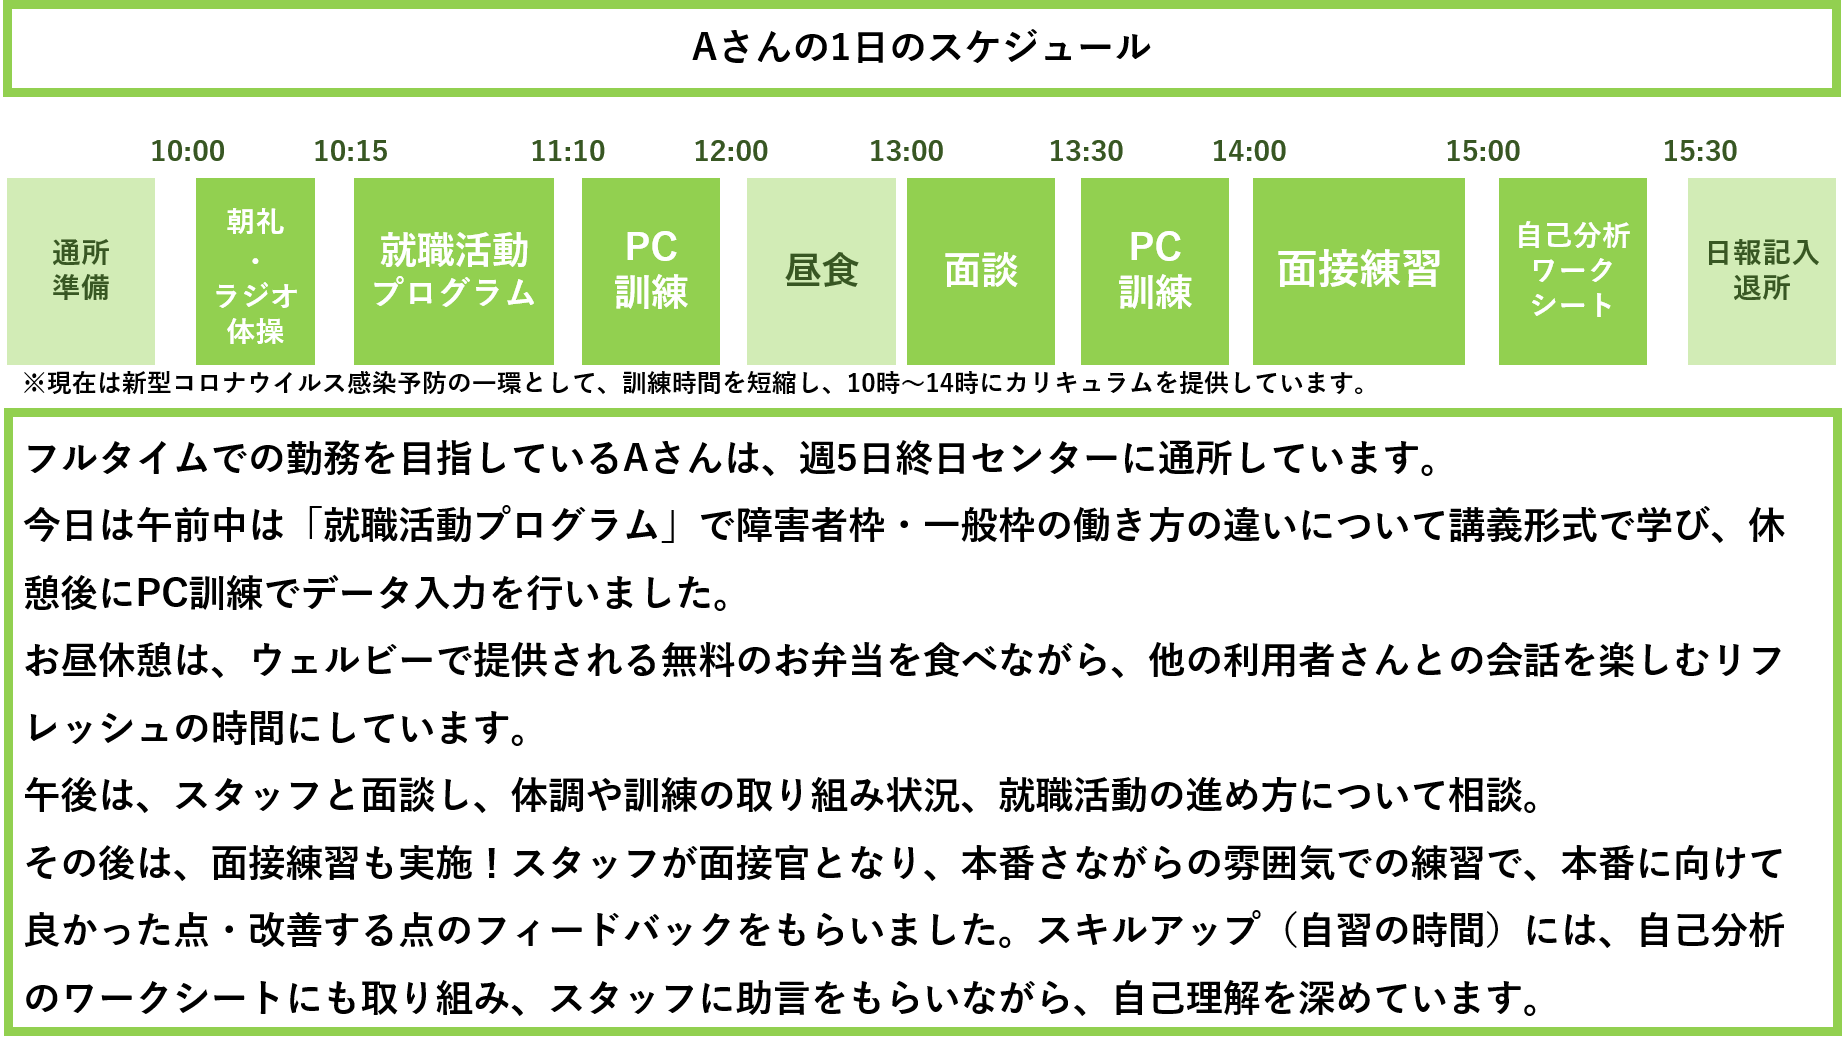 図1_Aさんの1日のスケジュール